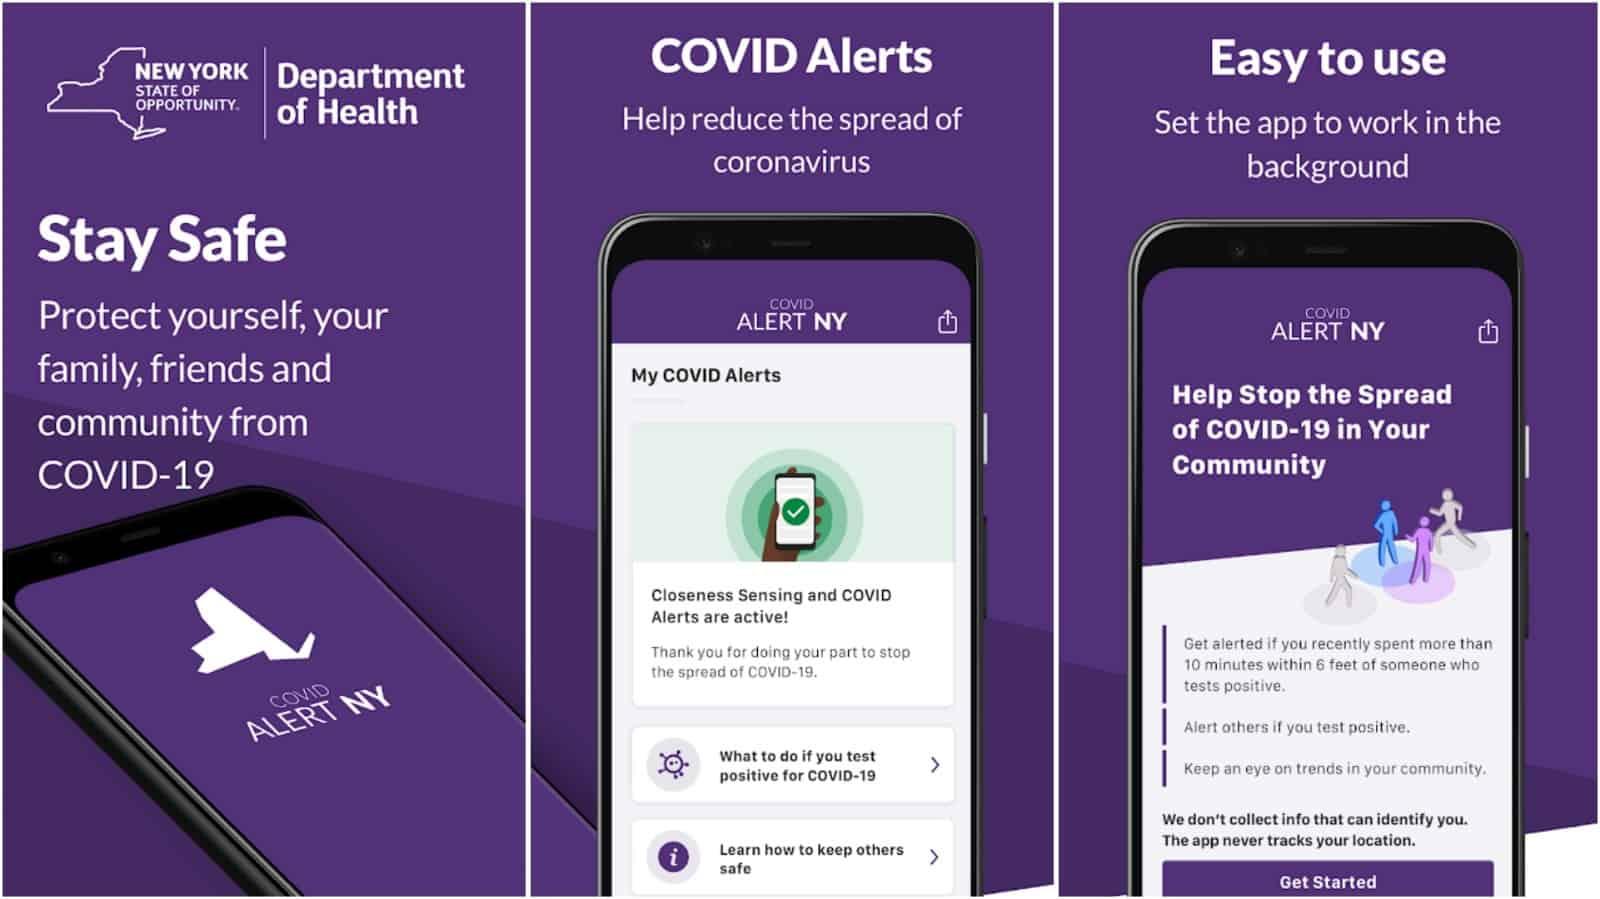 COVID Alert NY app grid image